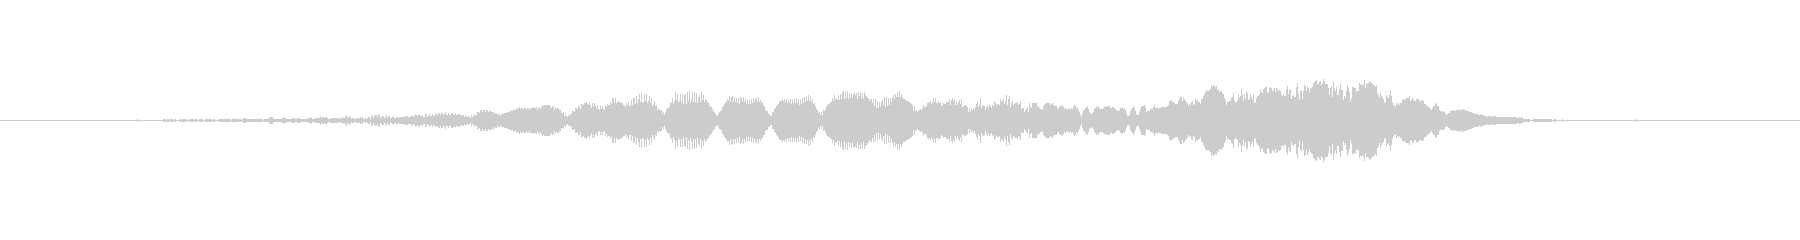 (おばけの驚いた声)の未再生の波形